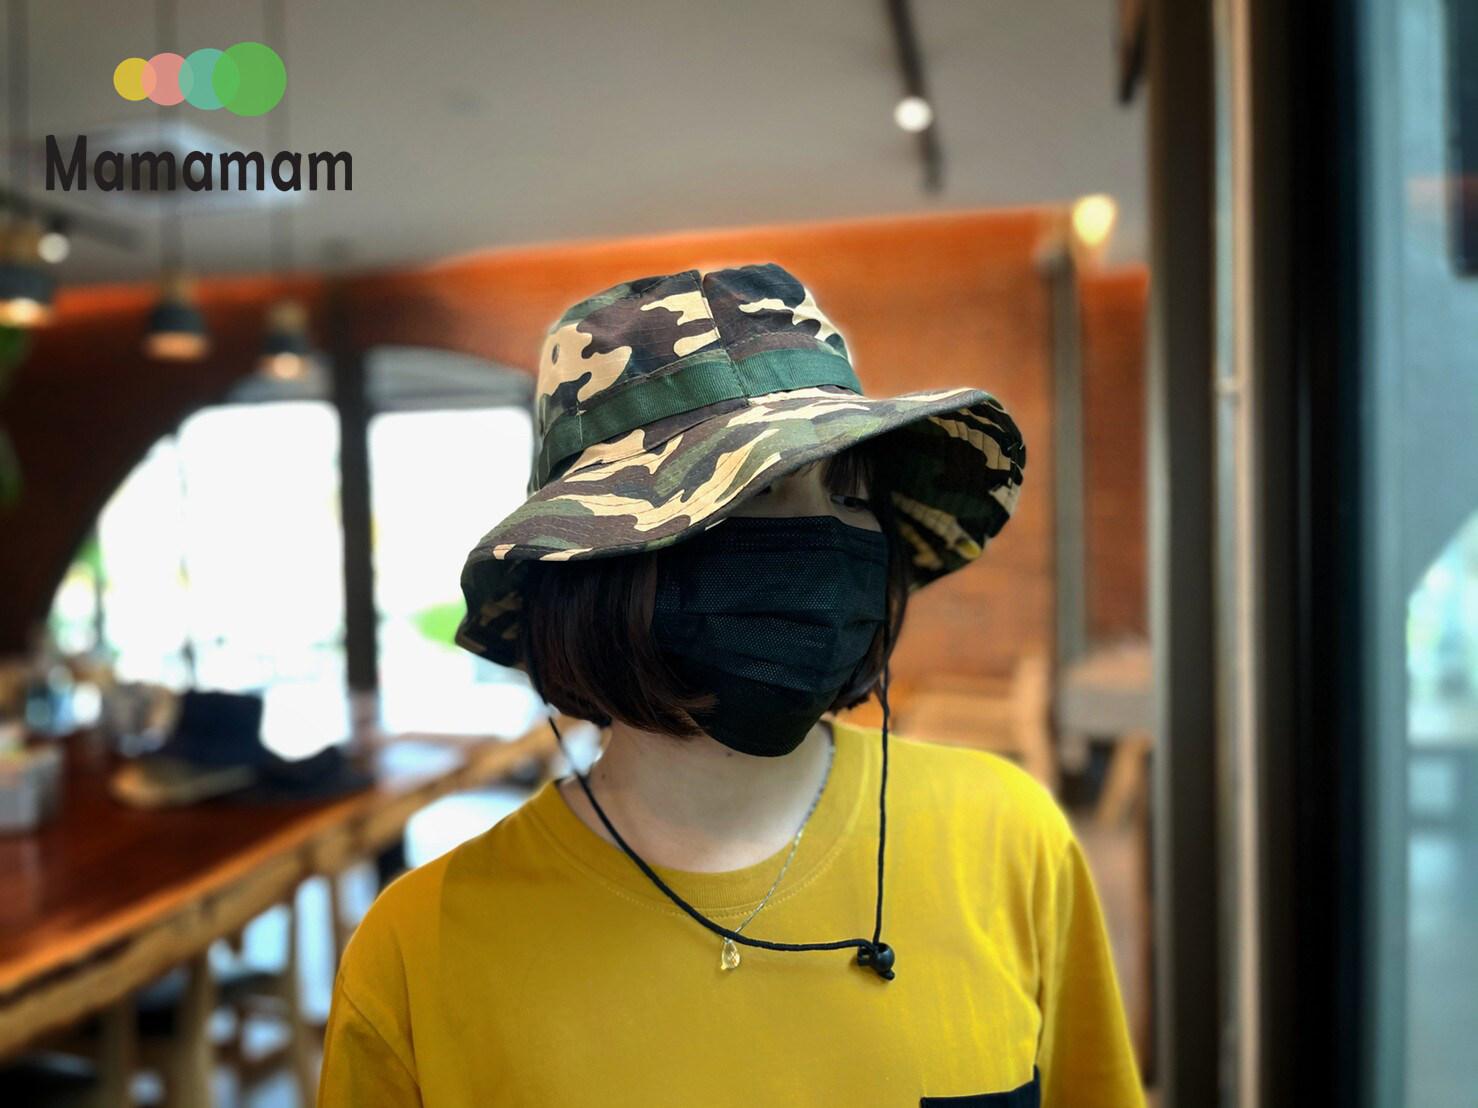 หมวก หมวกเดินป่า หมวกซาฟารี รุ่นผ้าบาง ระบายอากาศดี ใส่กันแดด สวยเท่ห์ ขนาด 56 ซม.